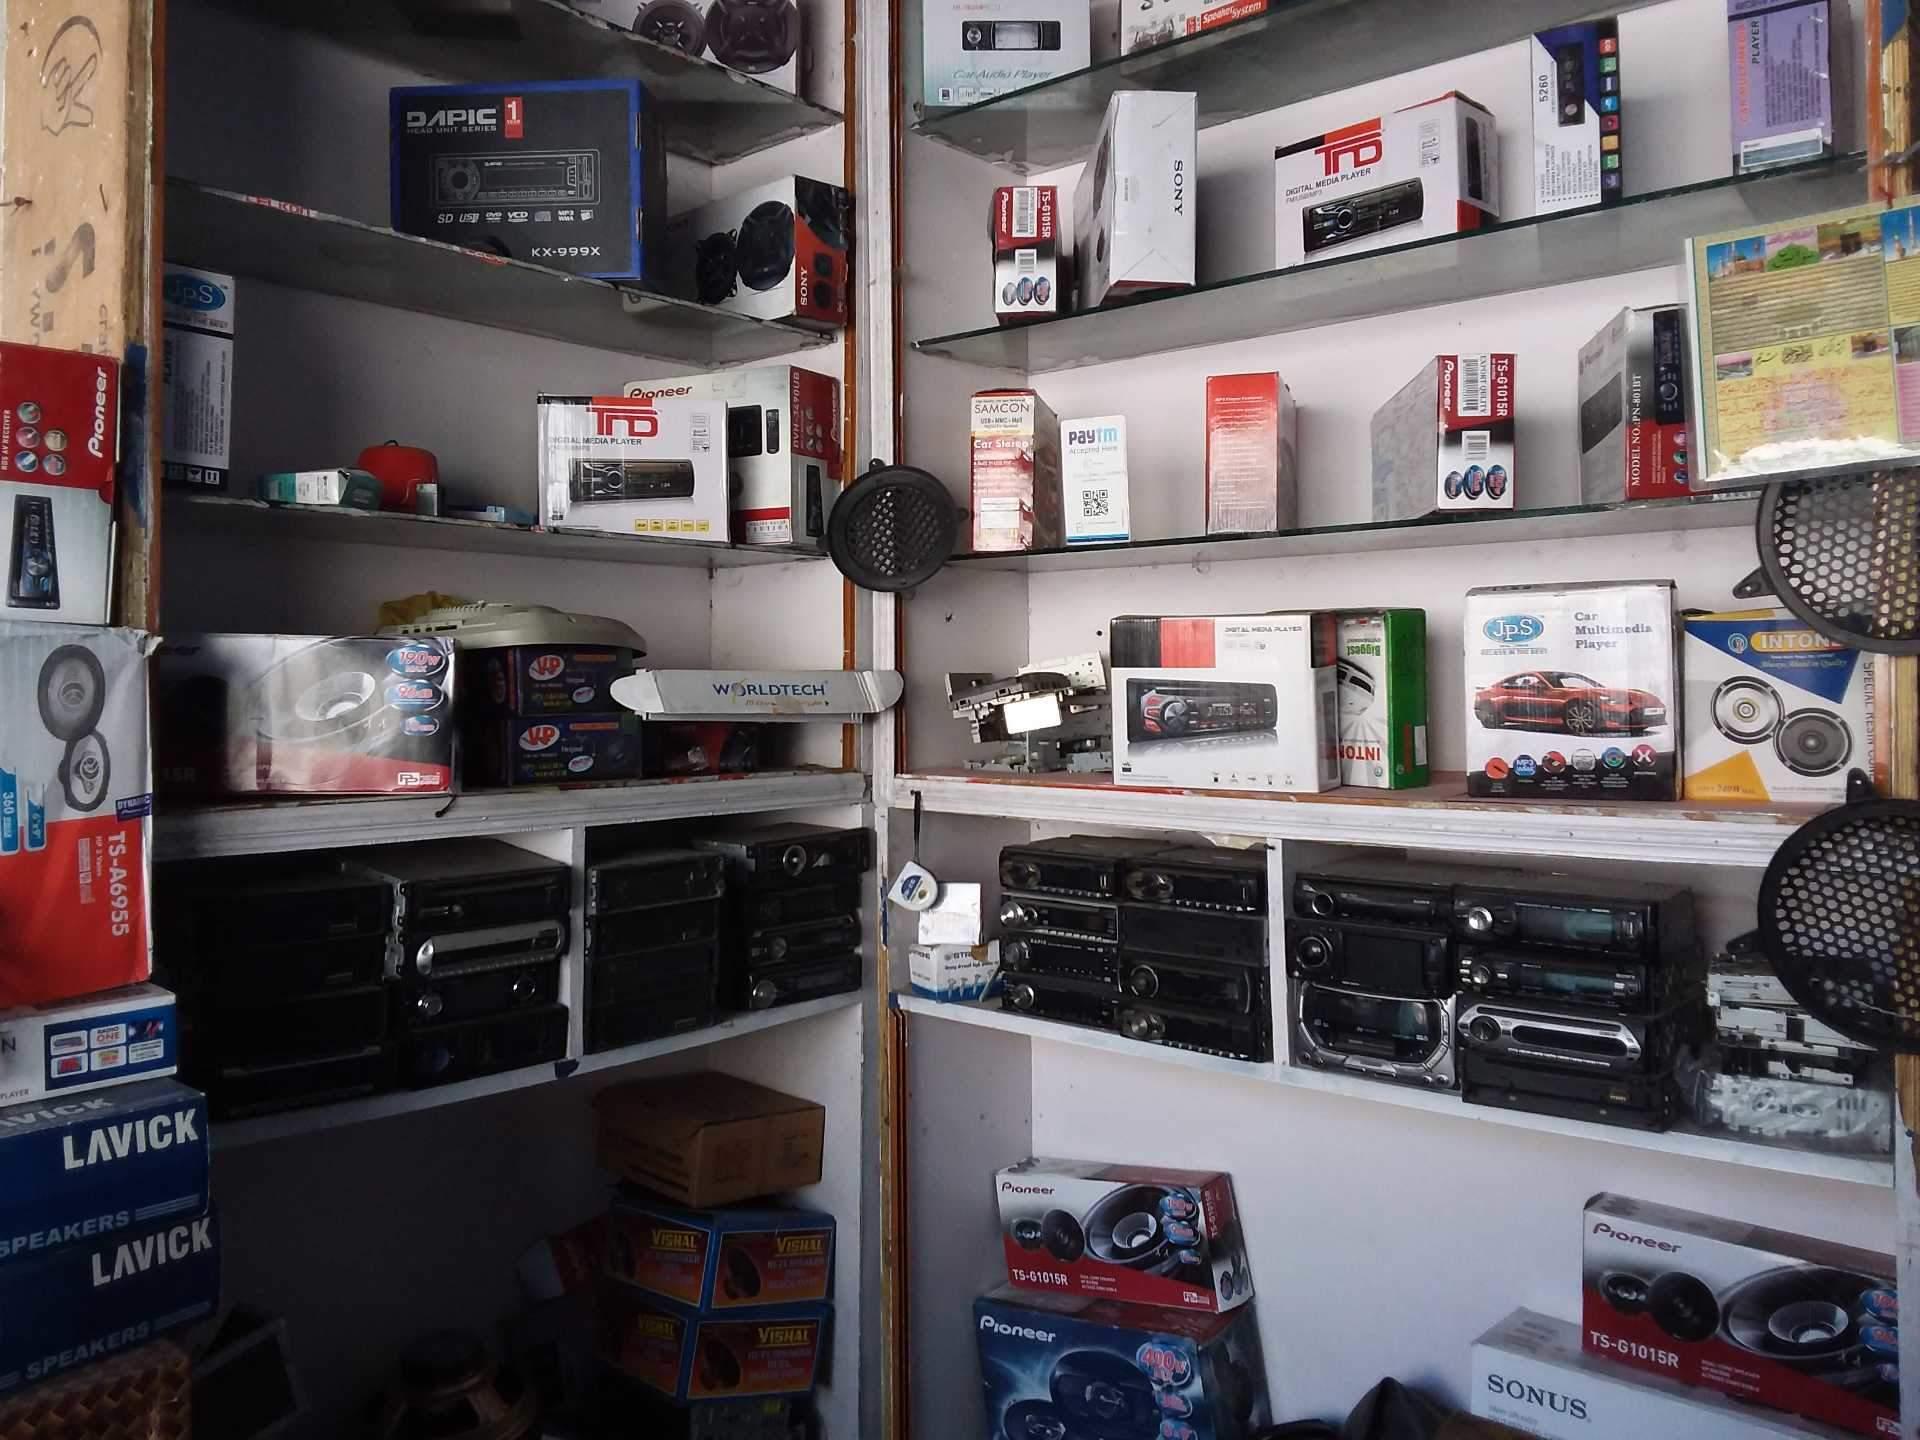 Top Jbl Audio Speaker Repair & Services in Kurnool - Best